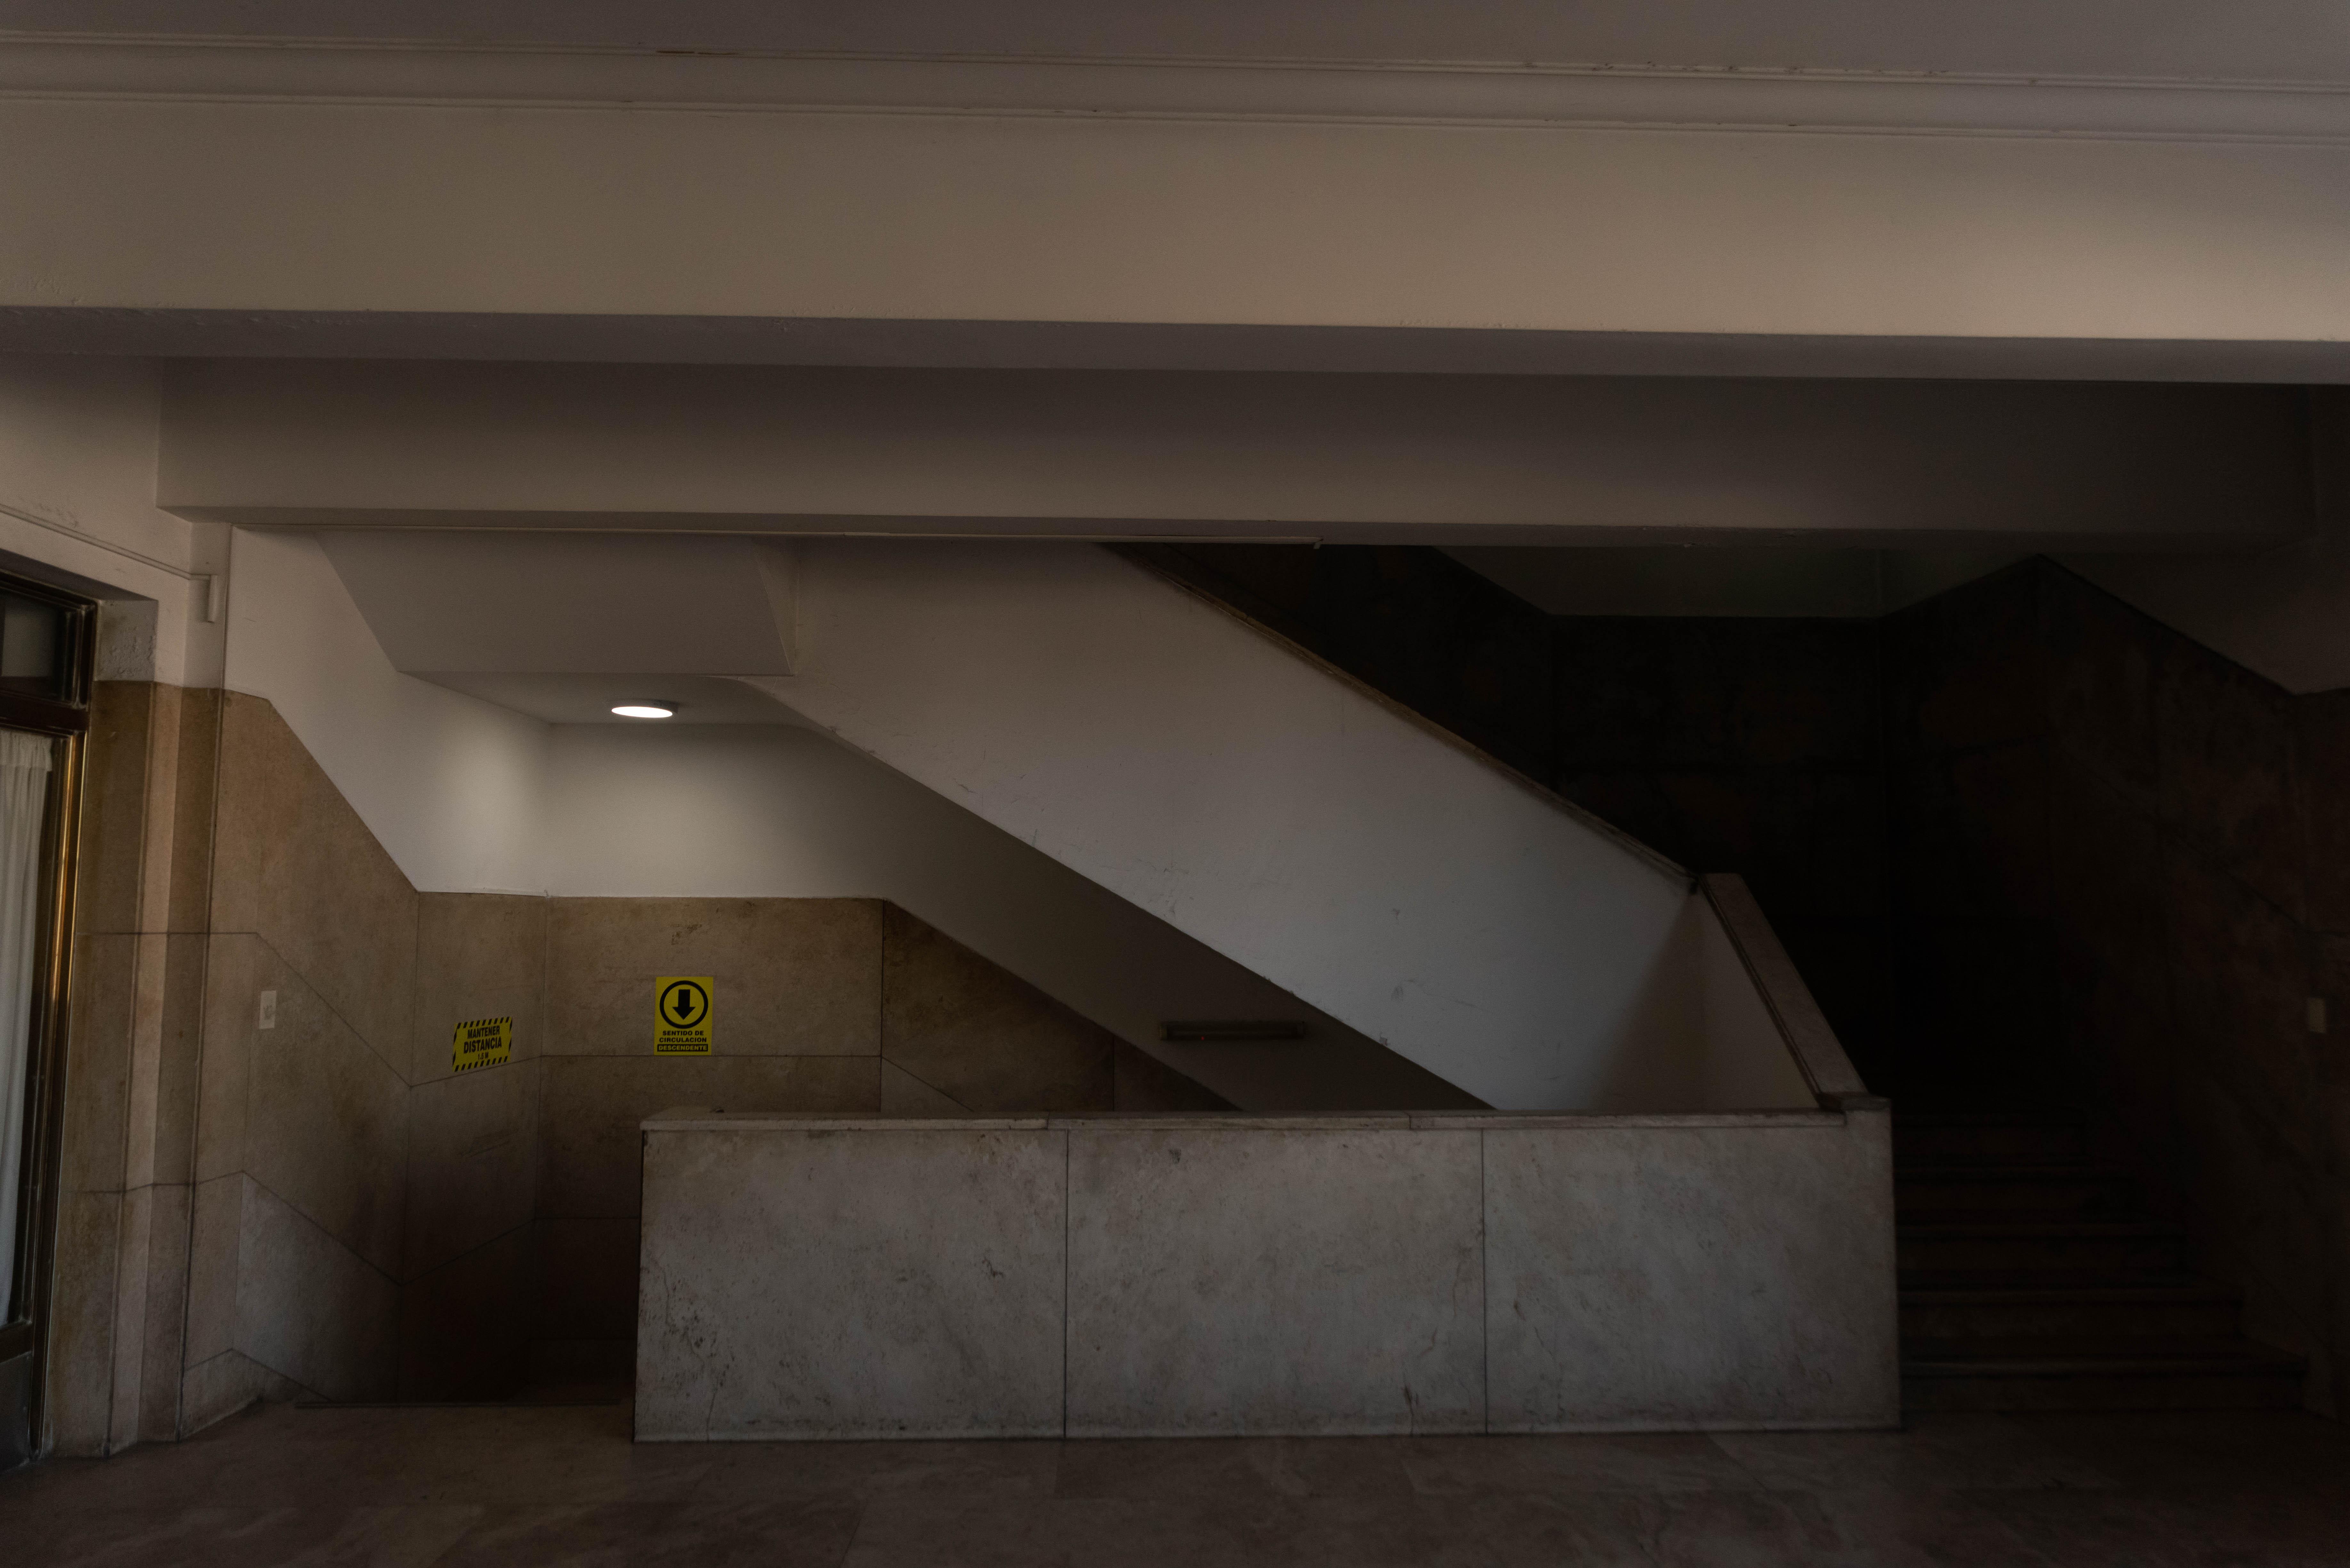 Las escaleras señalizadas. Sentido de circulación indicado y distancia obligatoria.